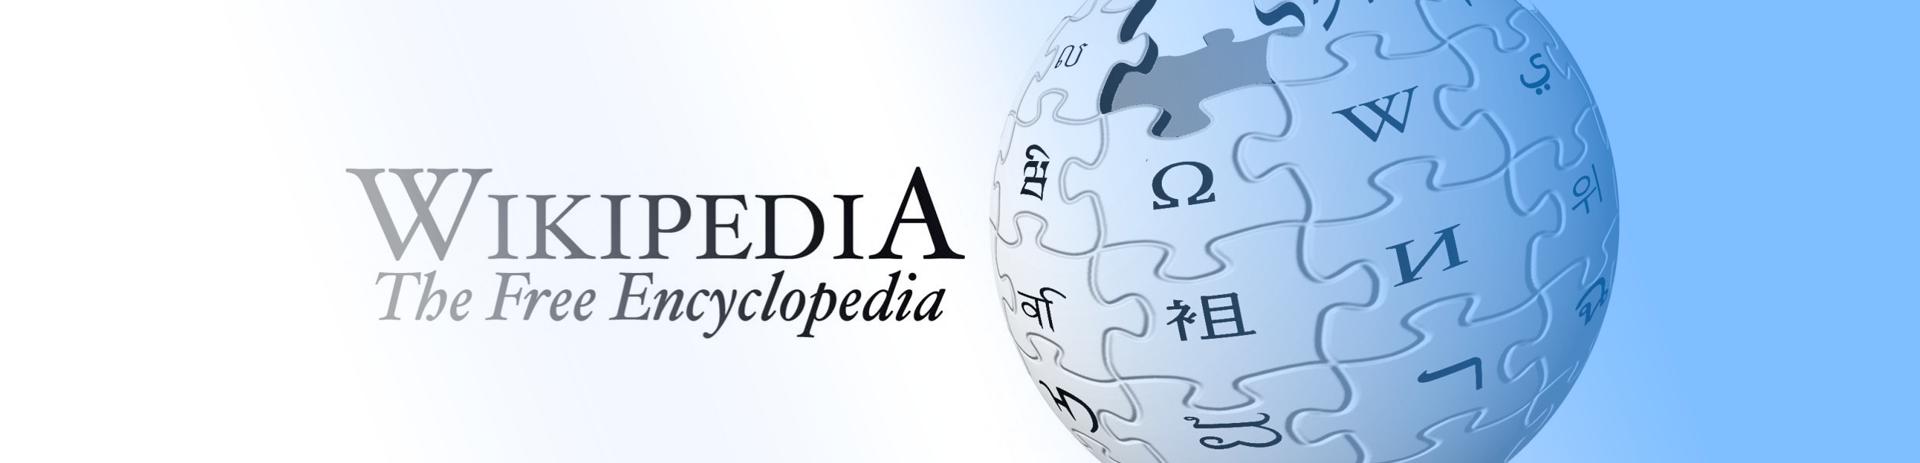 15 января День рождения Википедии / Подбор персонала | автоматизированное размещение вакансий и резюме | Робот рекрутер